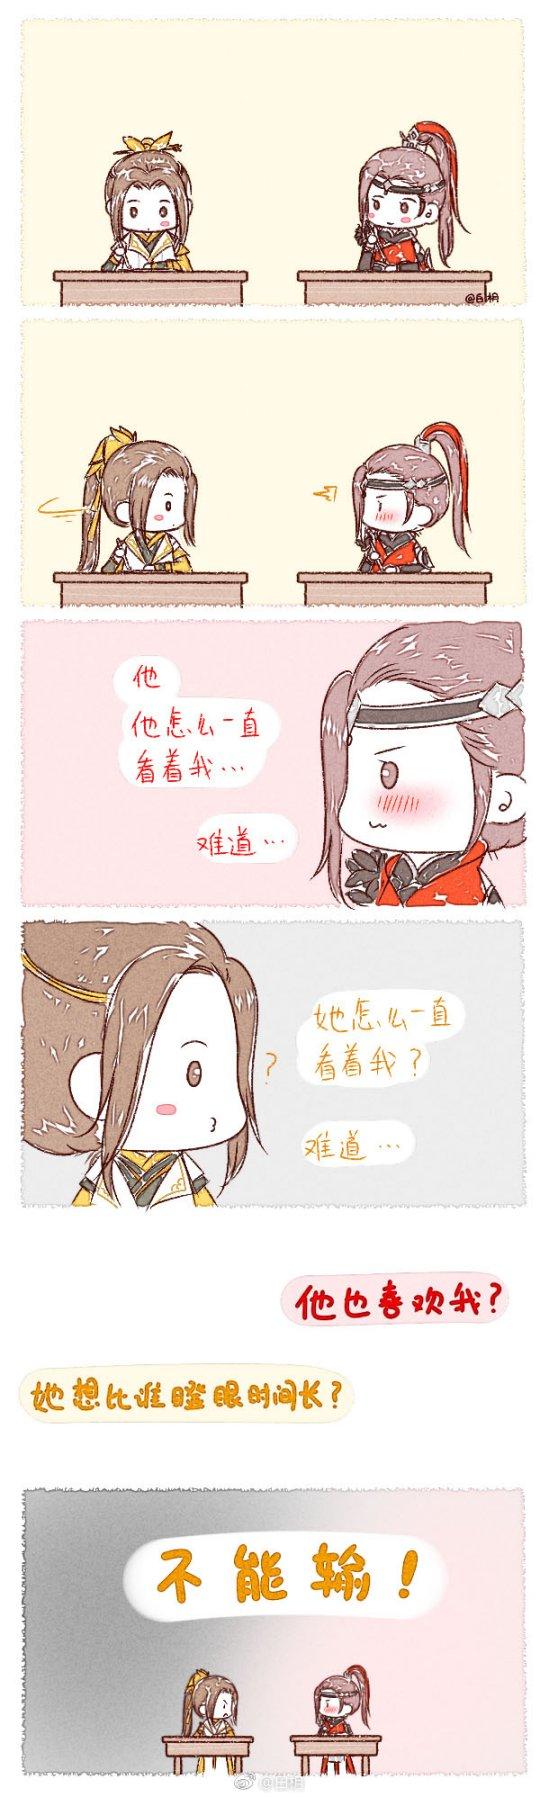 剑网同人 (6).jpg